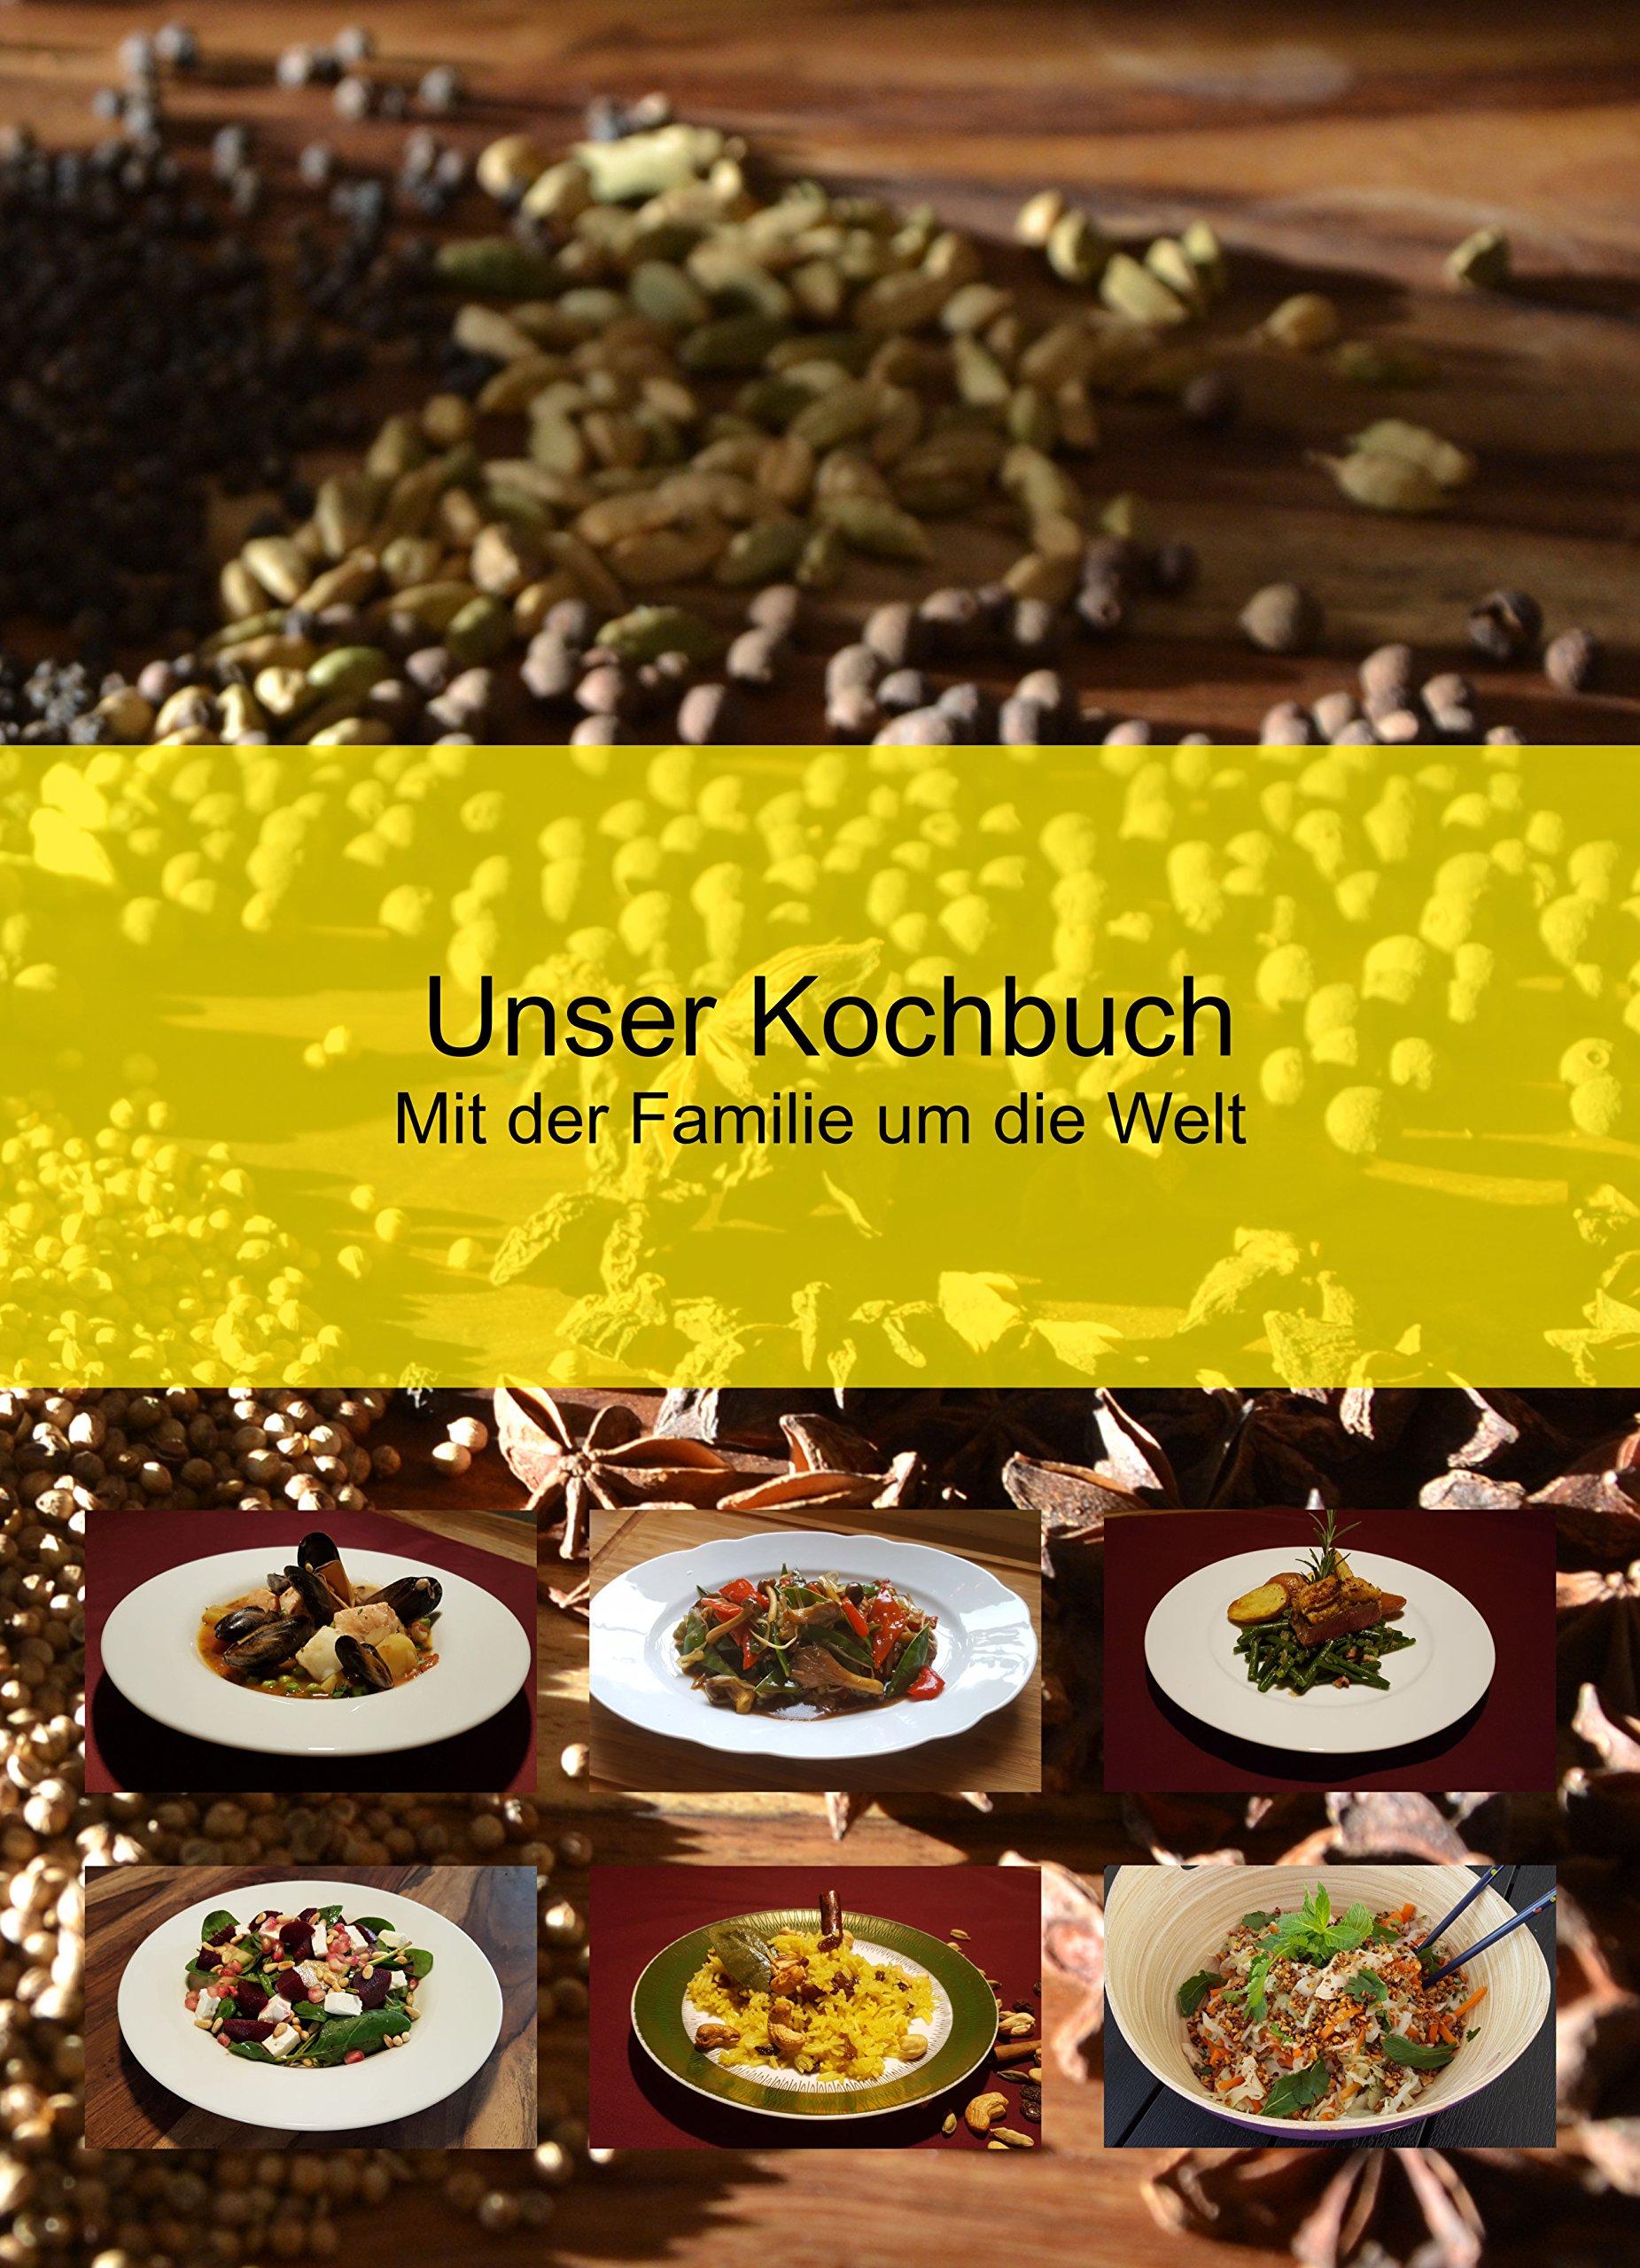 Unser Kochbuch: Mit der Familie um die Welt